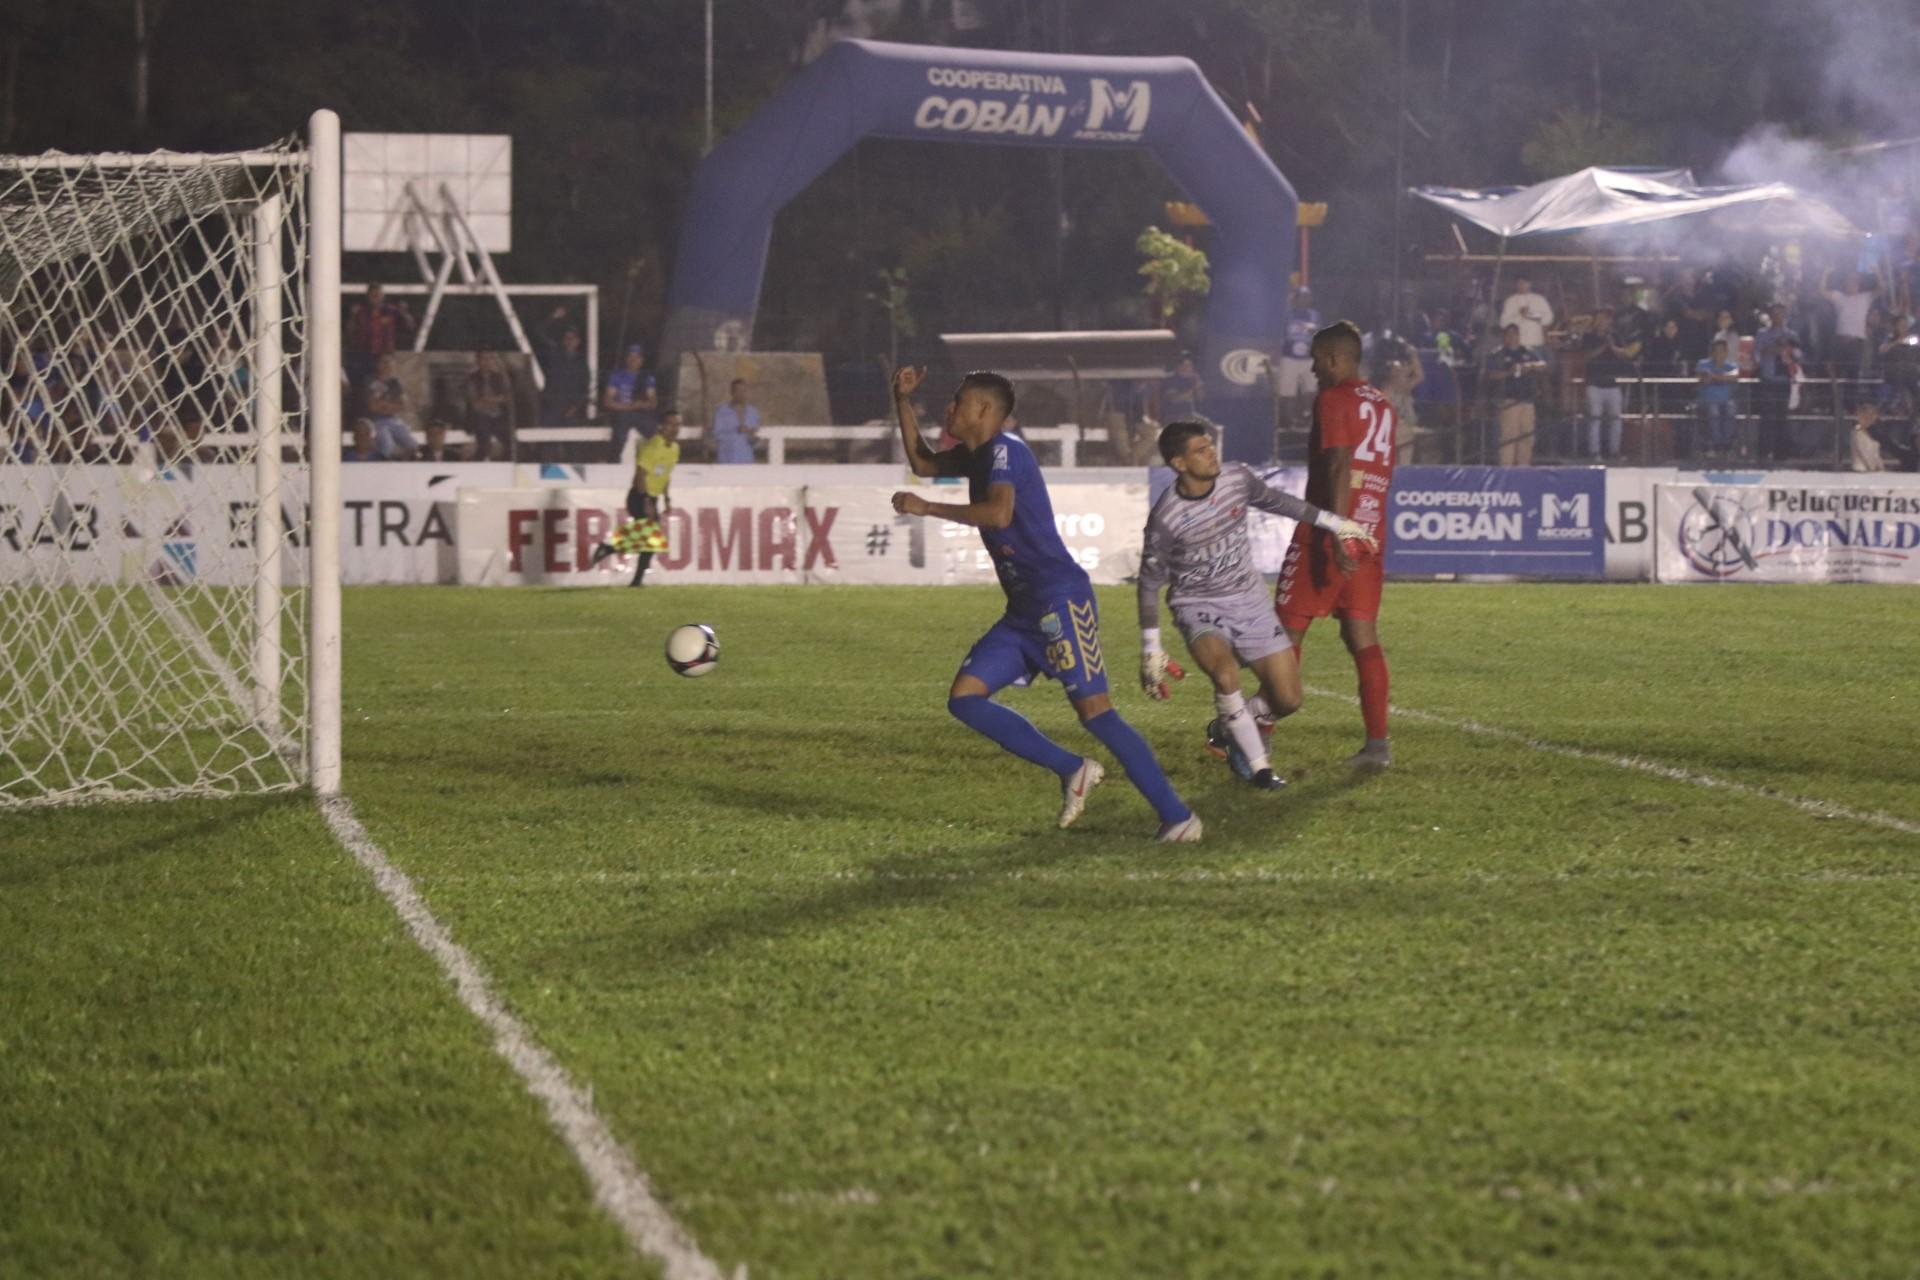 Gerson Tinoco anota el segundo gol de Cobán. (Foto Prensa Libre: Eduardo Sam)